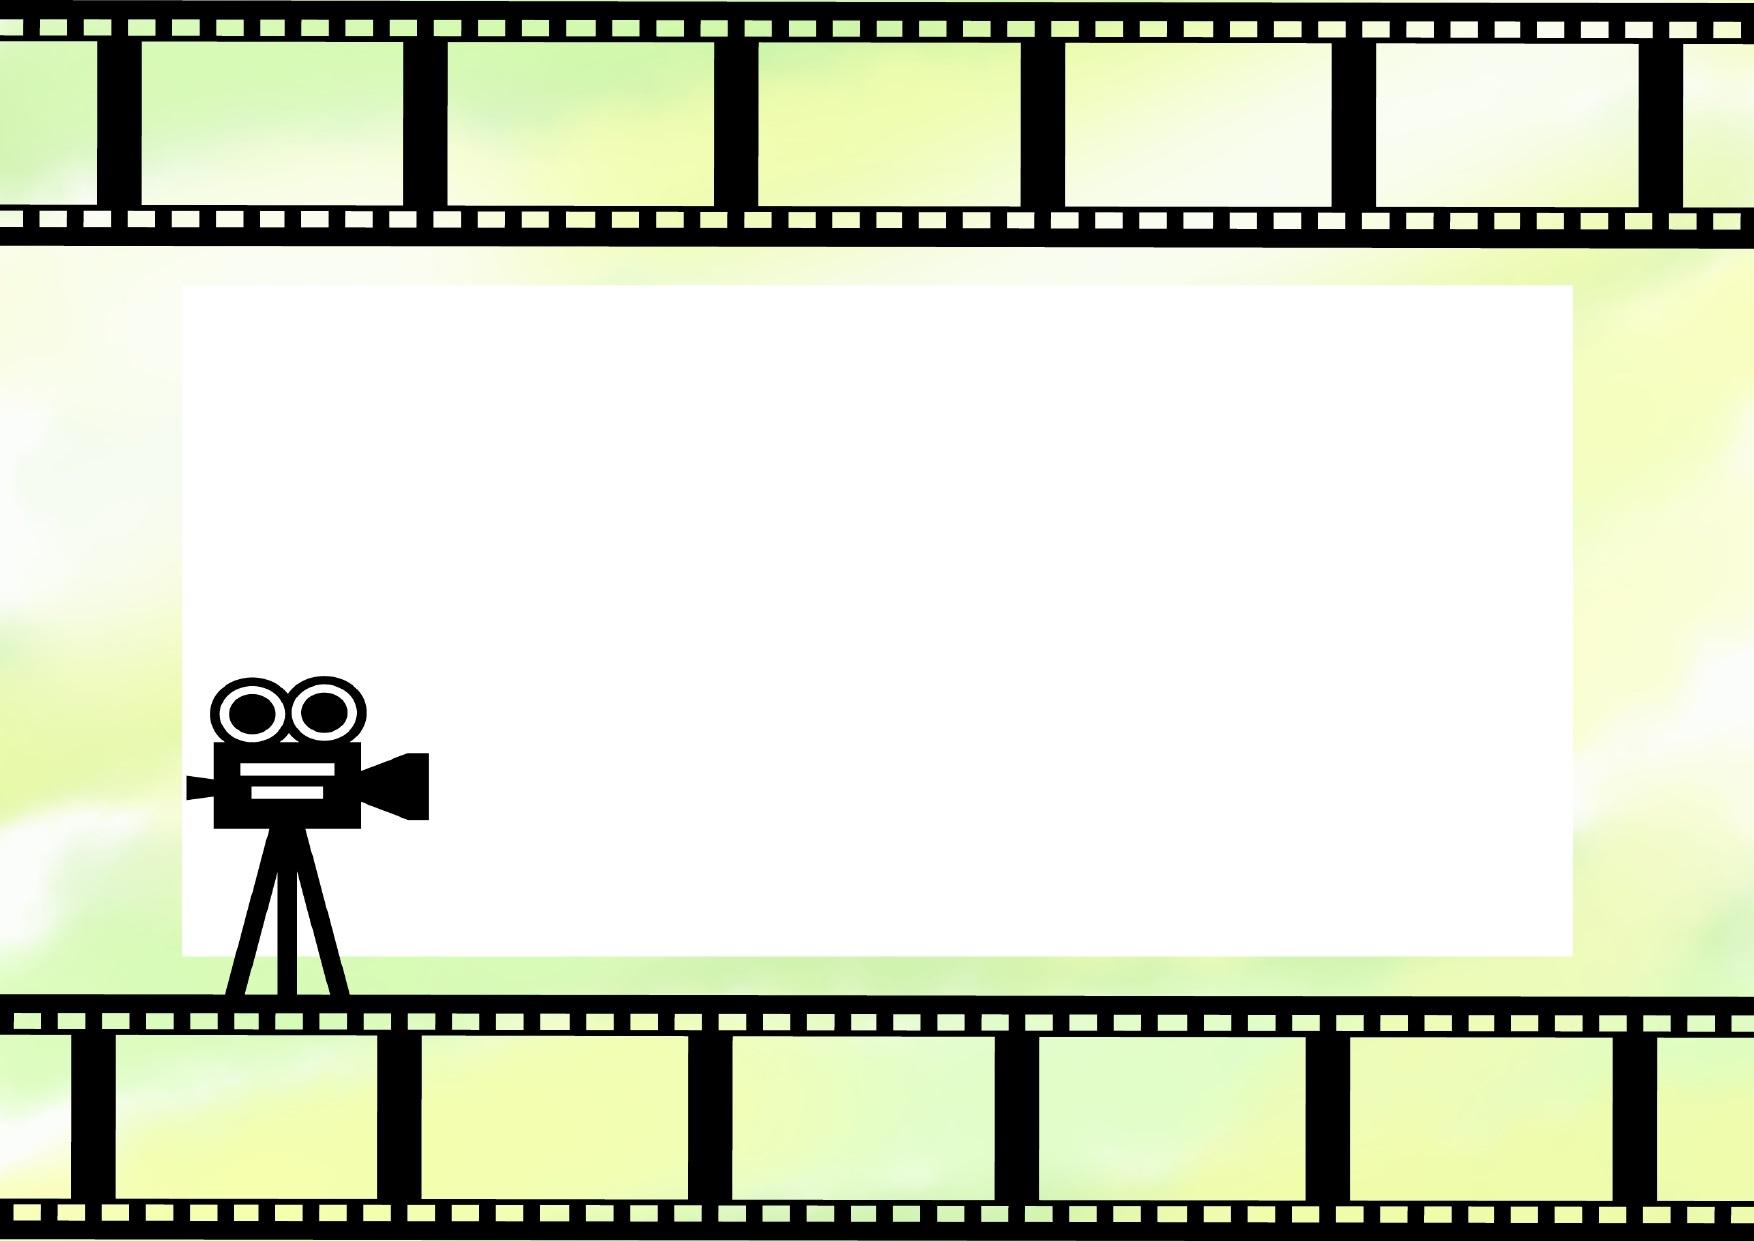 グリーンの背景・映画フィルムのフレーム